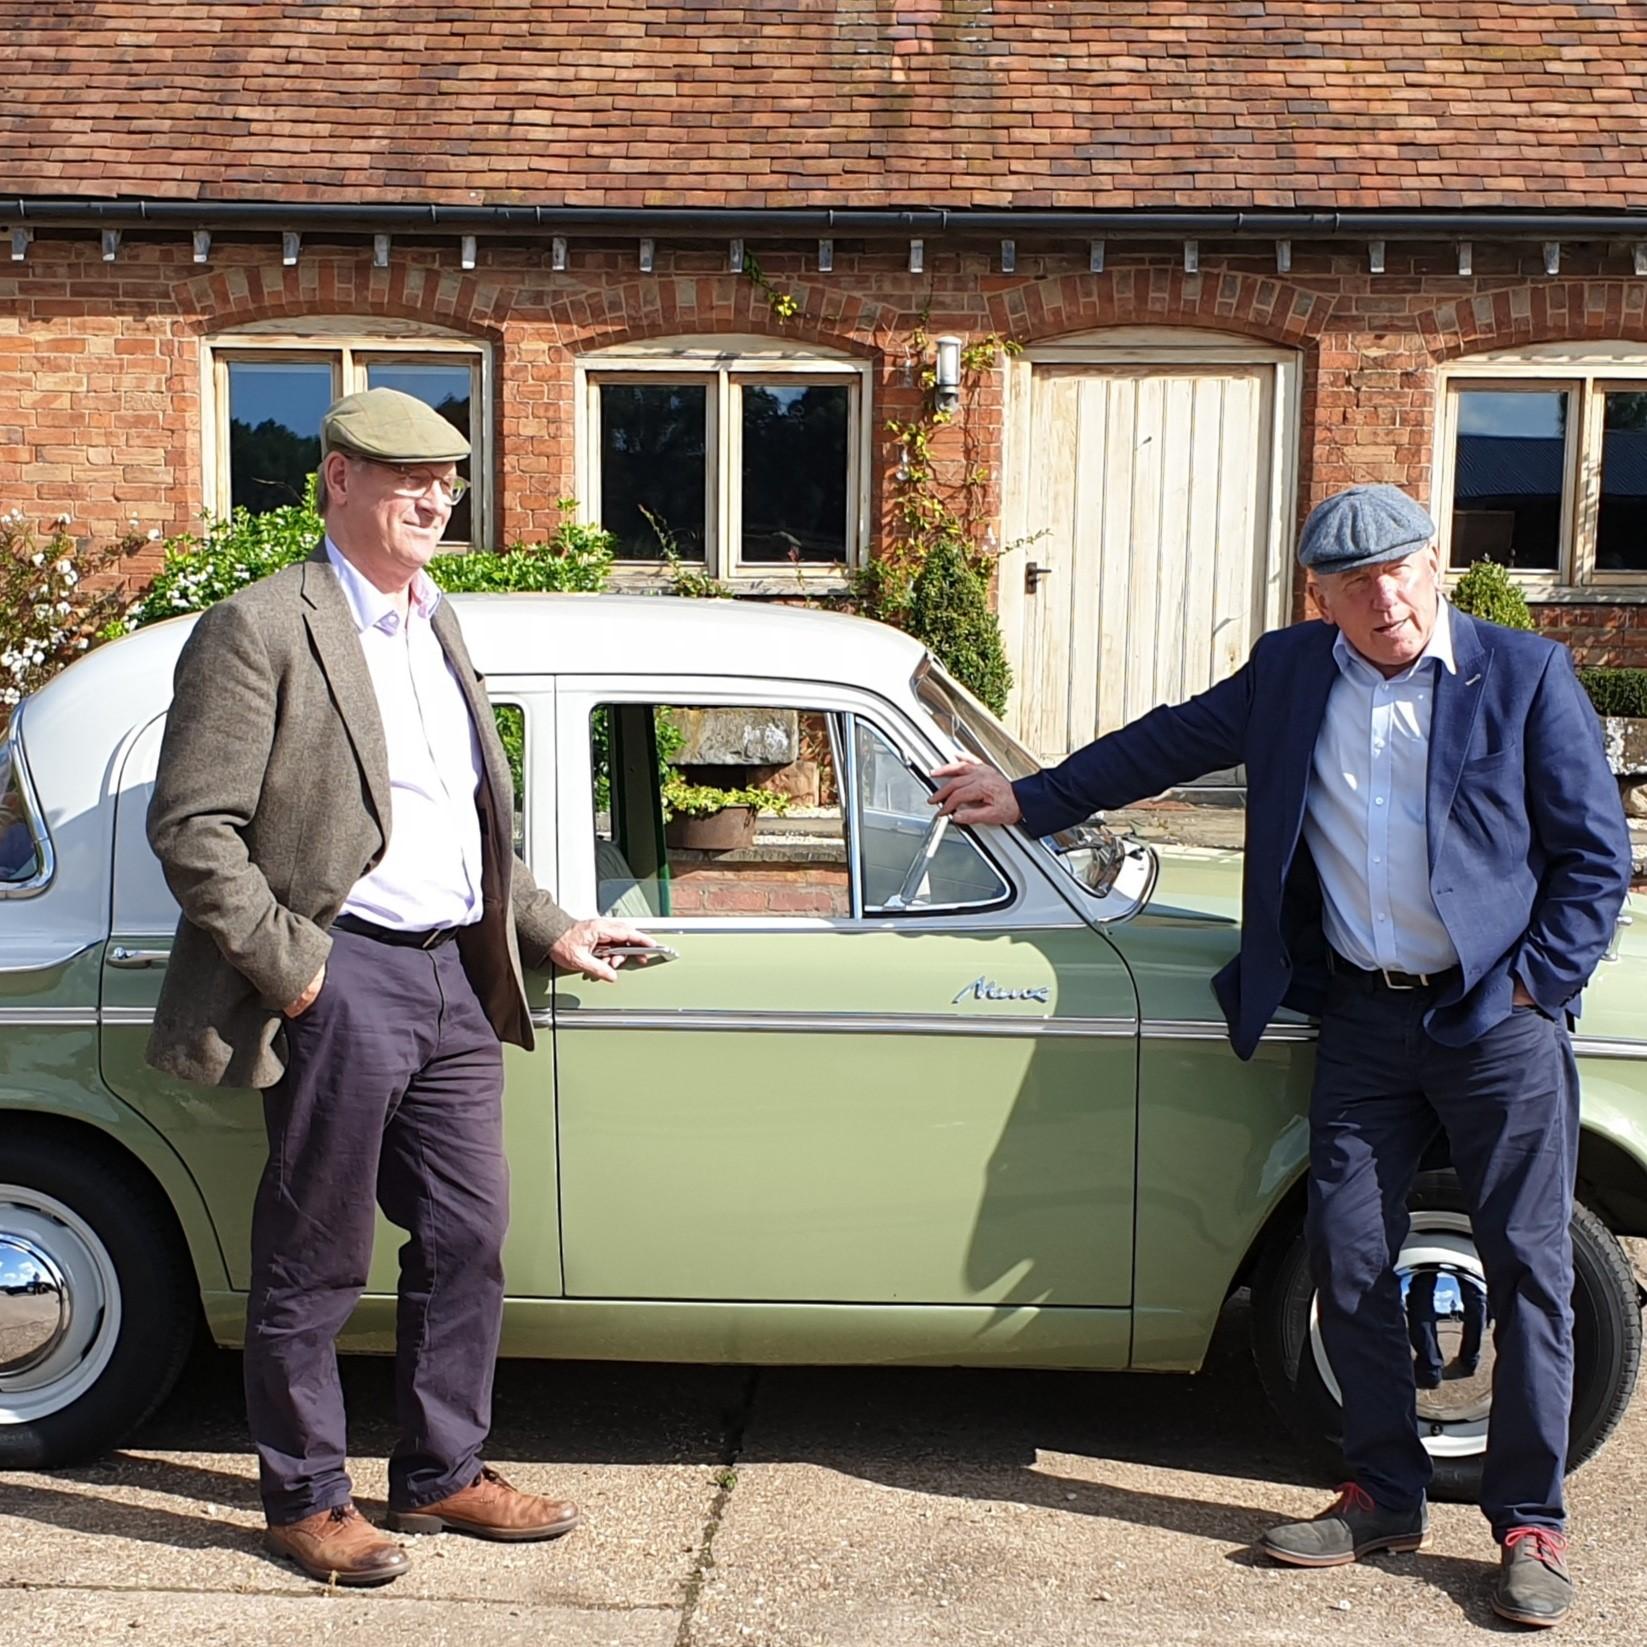 Hillman Minx on Channel 4 Great British Car Journeys